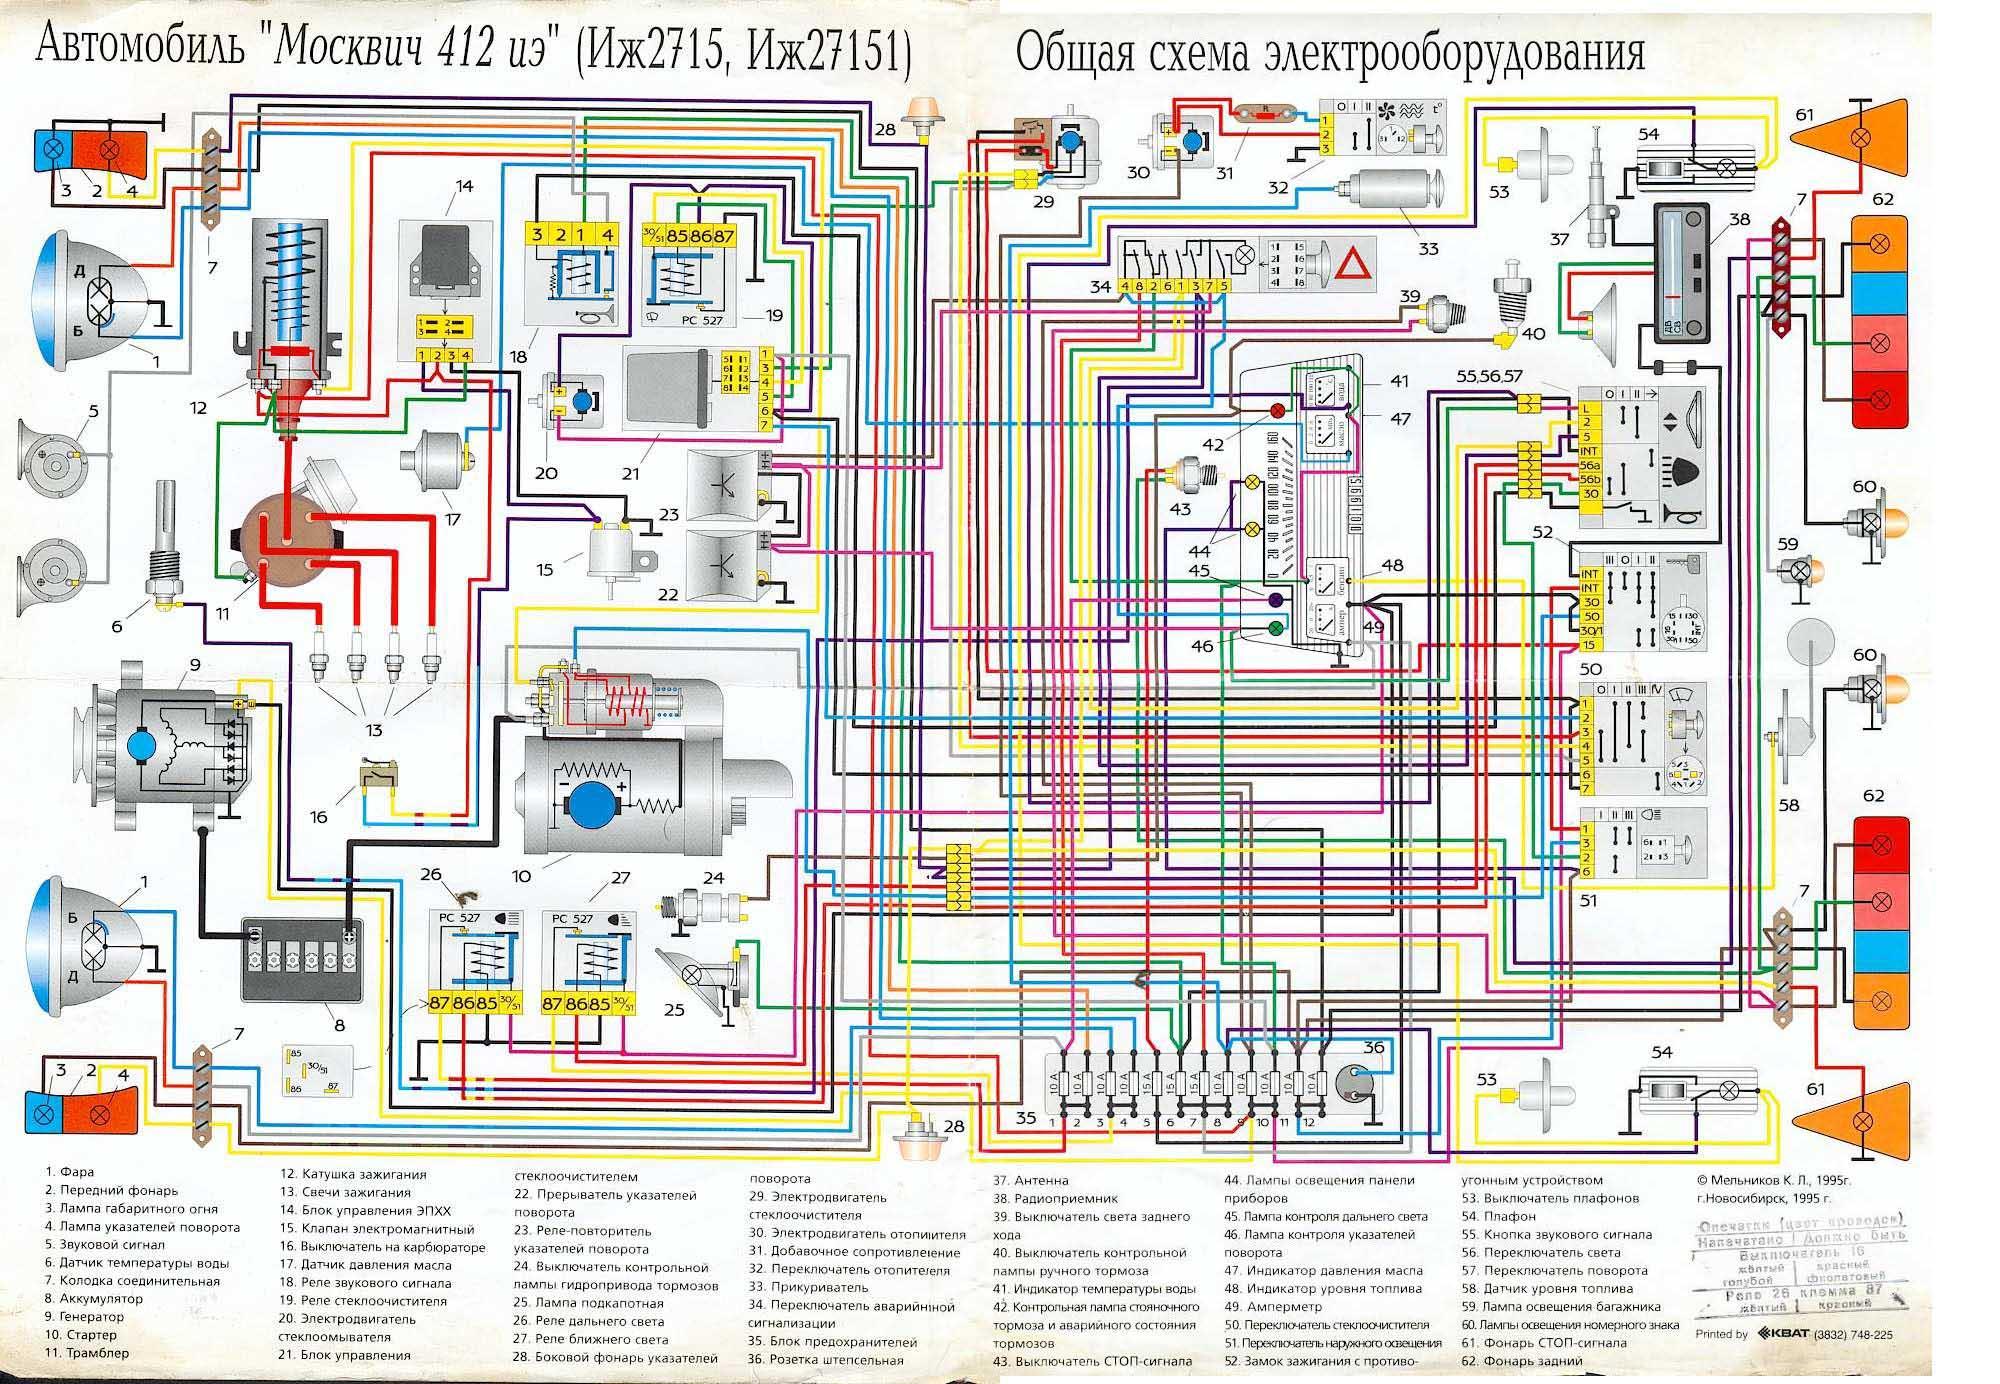 Схема оборудования для 412 модели